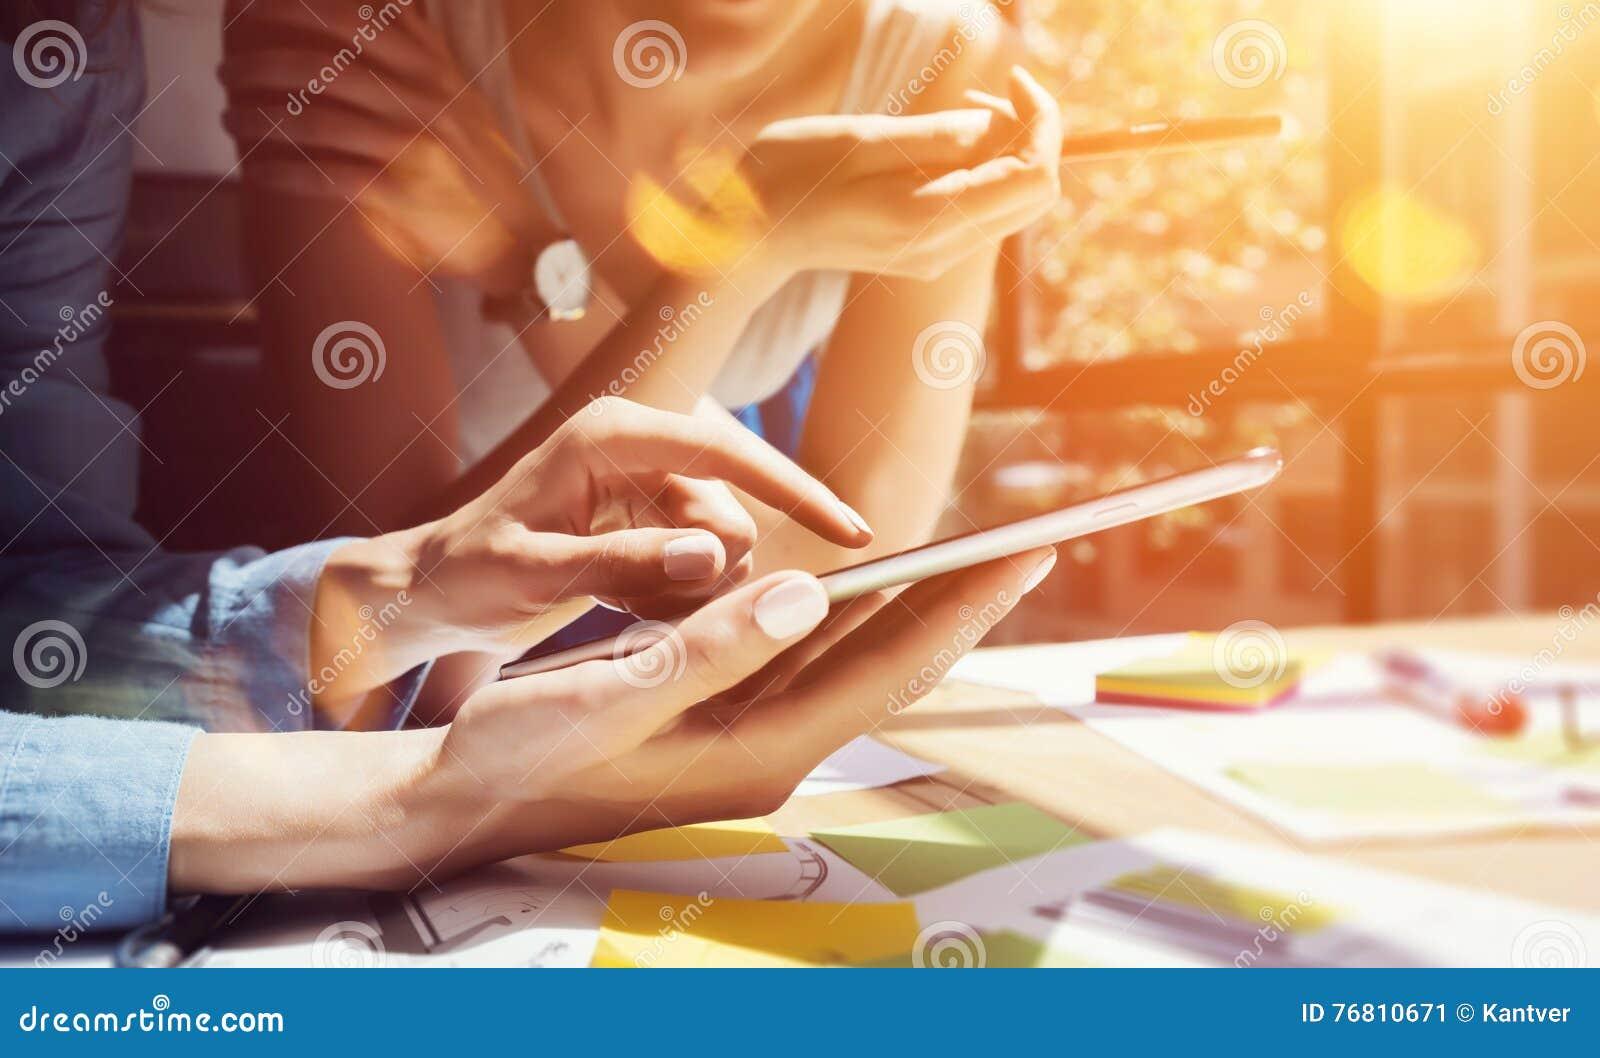 Compañeros de trabajo que toman grandes decisiones Oficina moderna joven de Team Discussion Corporate Work Concept del márketing